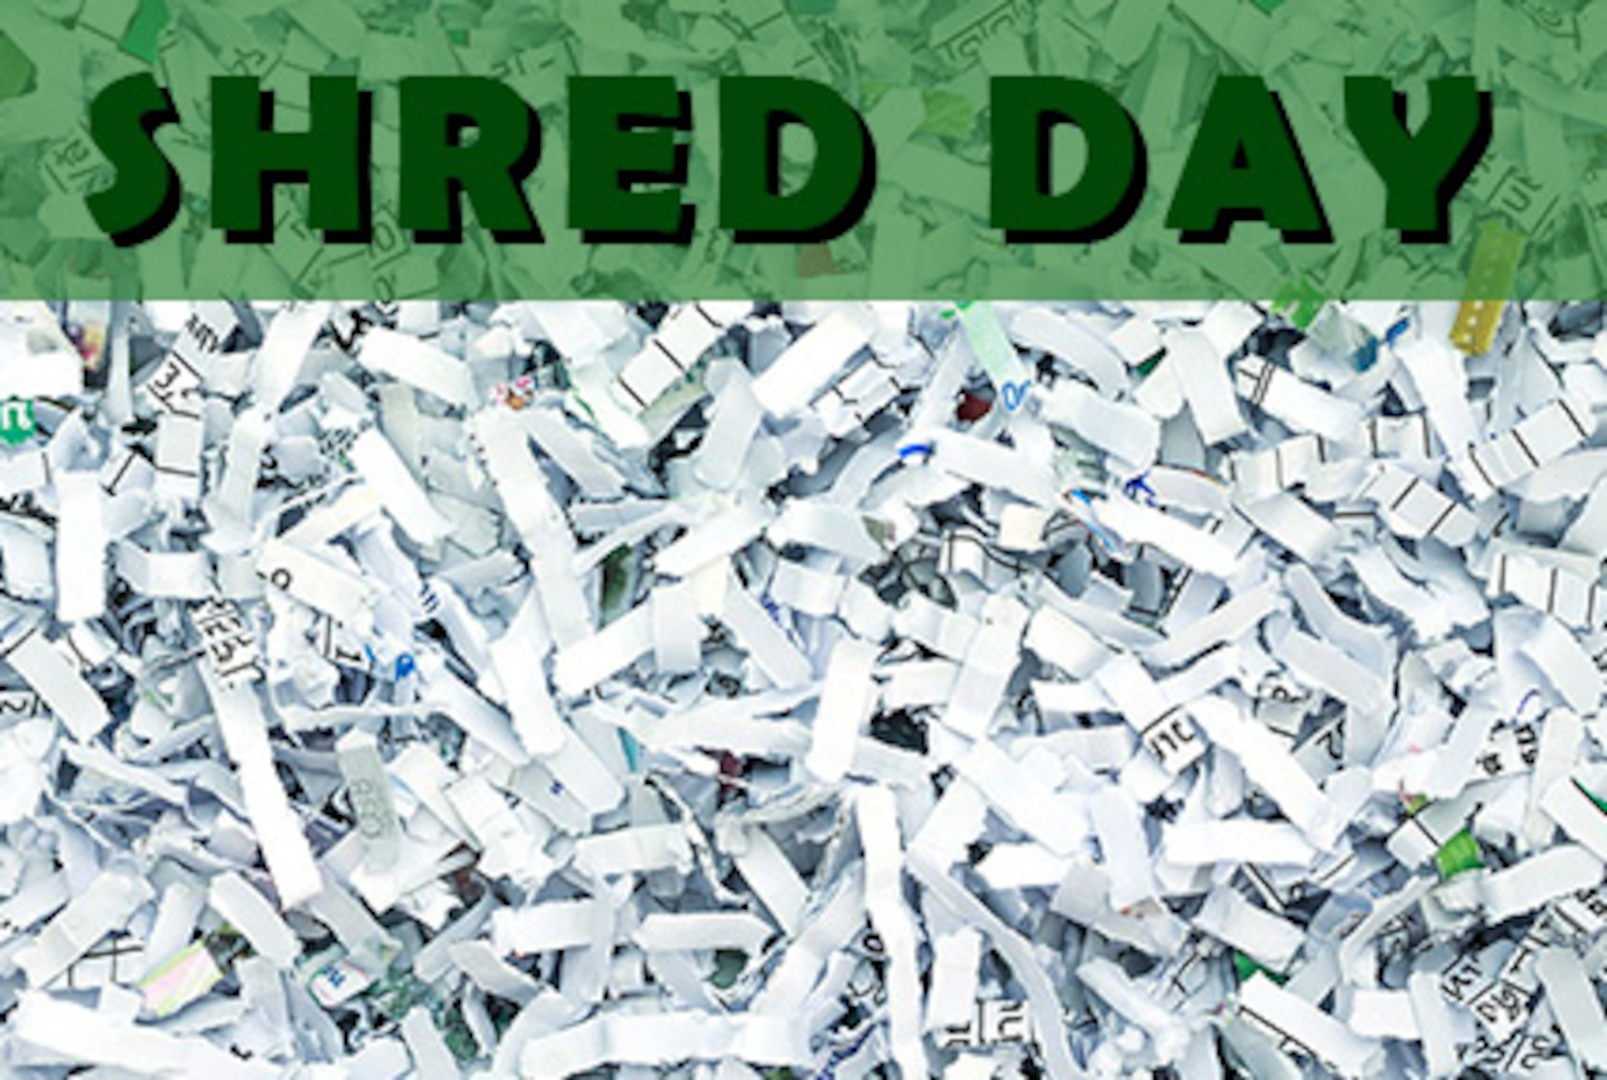 Image of shredded paper